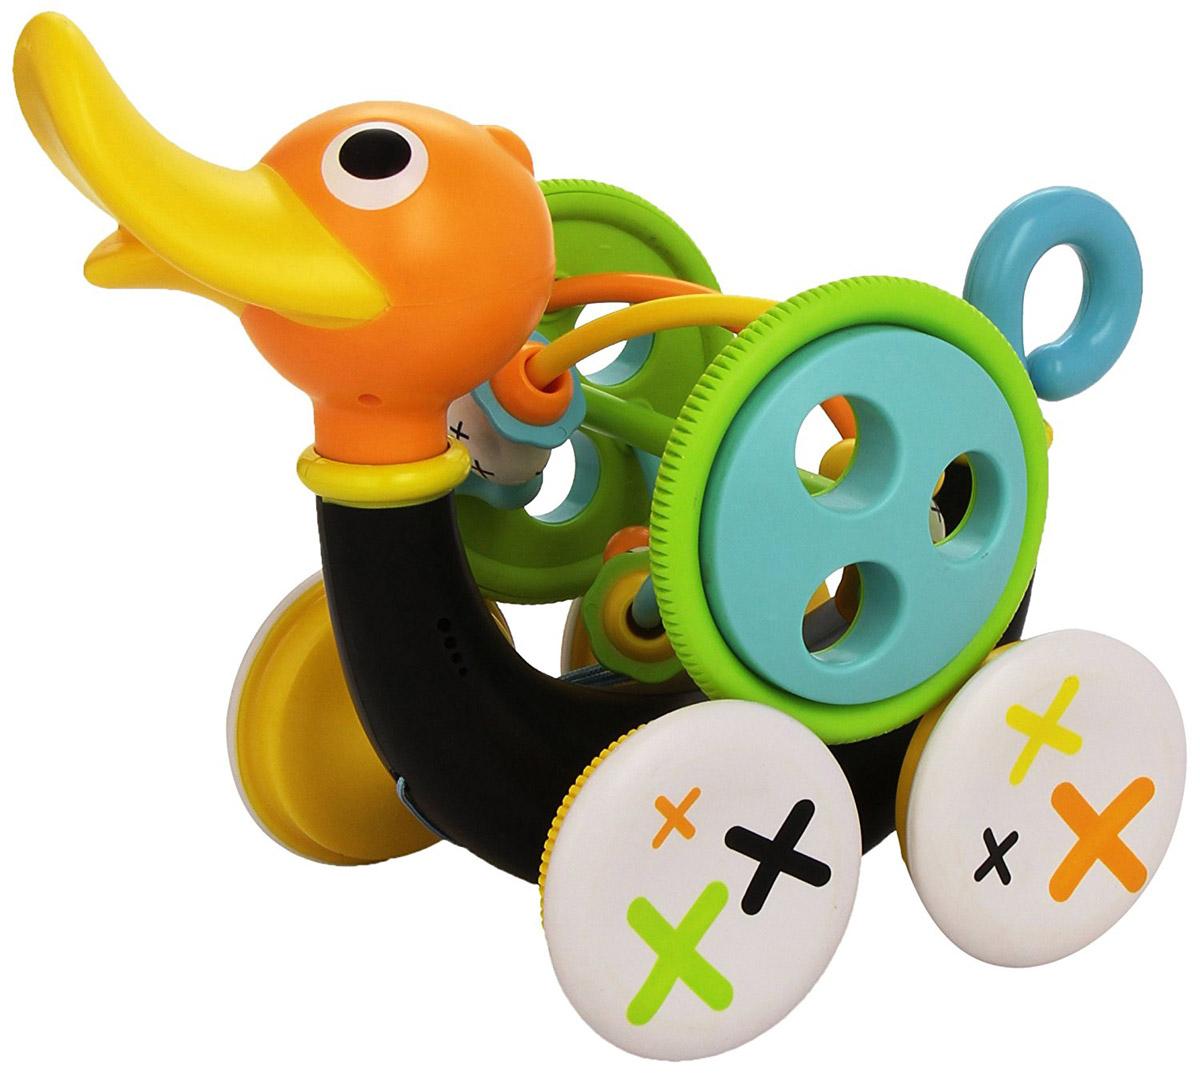 Yookidoo Игрушка развивающая Музыкальная уточка40129С развивающей игрушкой Yookidoo Музыкальная уточка малыш научится совершать свои первые шаги. Игрушка выполнена из прочного безопасного пластика. Ребенок тянет за веревочку (которая располагается в теле уточки), и игрушка едет вперед, при этом она свистит и издает забавные звуки. Звуки включаются только тогда, когда игрушка едет. Для того, чтобы насладиться игрой, малыш должен учиться шагать вперед и при этом тянуть уточку за собой. Если ребенку надоест музыкальное сопровождение, то его можно отключить, повернув хвостик Уточки. Кроме этого, дополнительно в набор входит большая игрушка-погремушка, которая крепится к телу Уточки. Погремушку можно снимать и использовать как отдельную игрушку. На игрушке располагаются различные элементы, которые малыш может перетаскивать пальчиками из стороны в сторону. Музыкальная уточка учит малыша ходить, развивает мелкую моторику рук, логику, слуховое восприятие. Она обязательно понравится малышу и доставит ему...